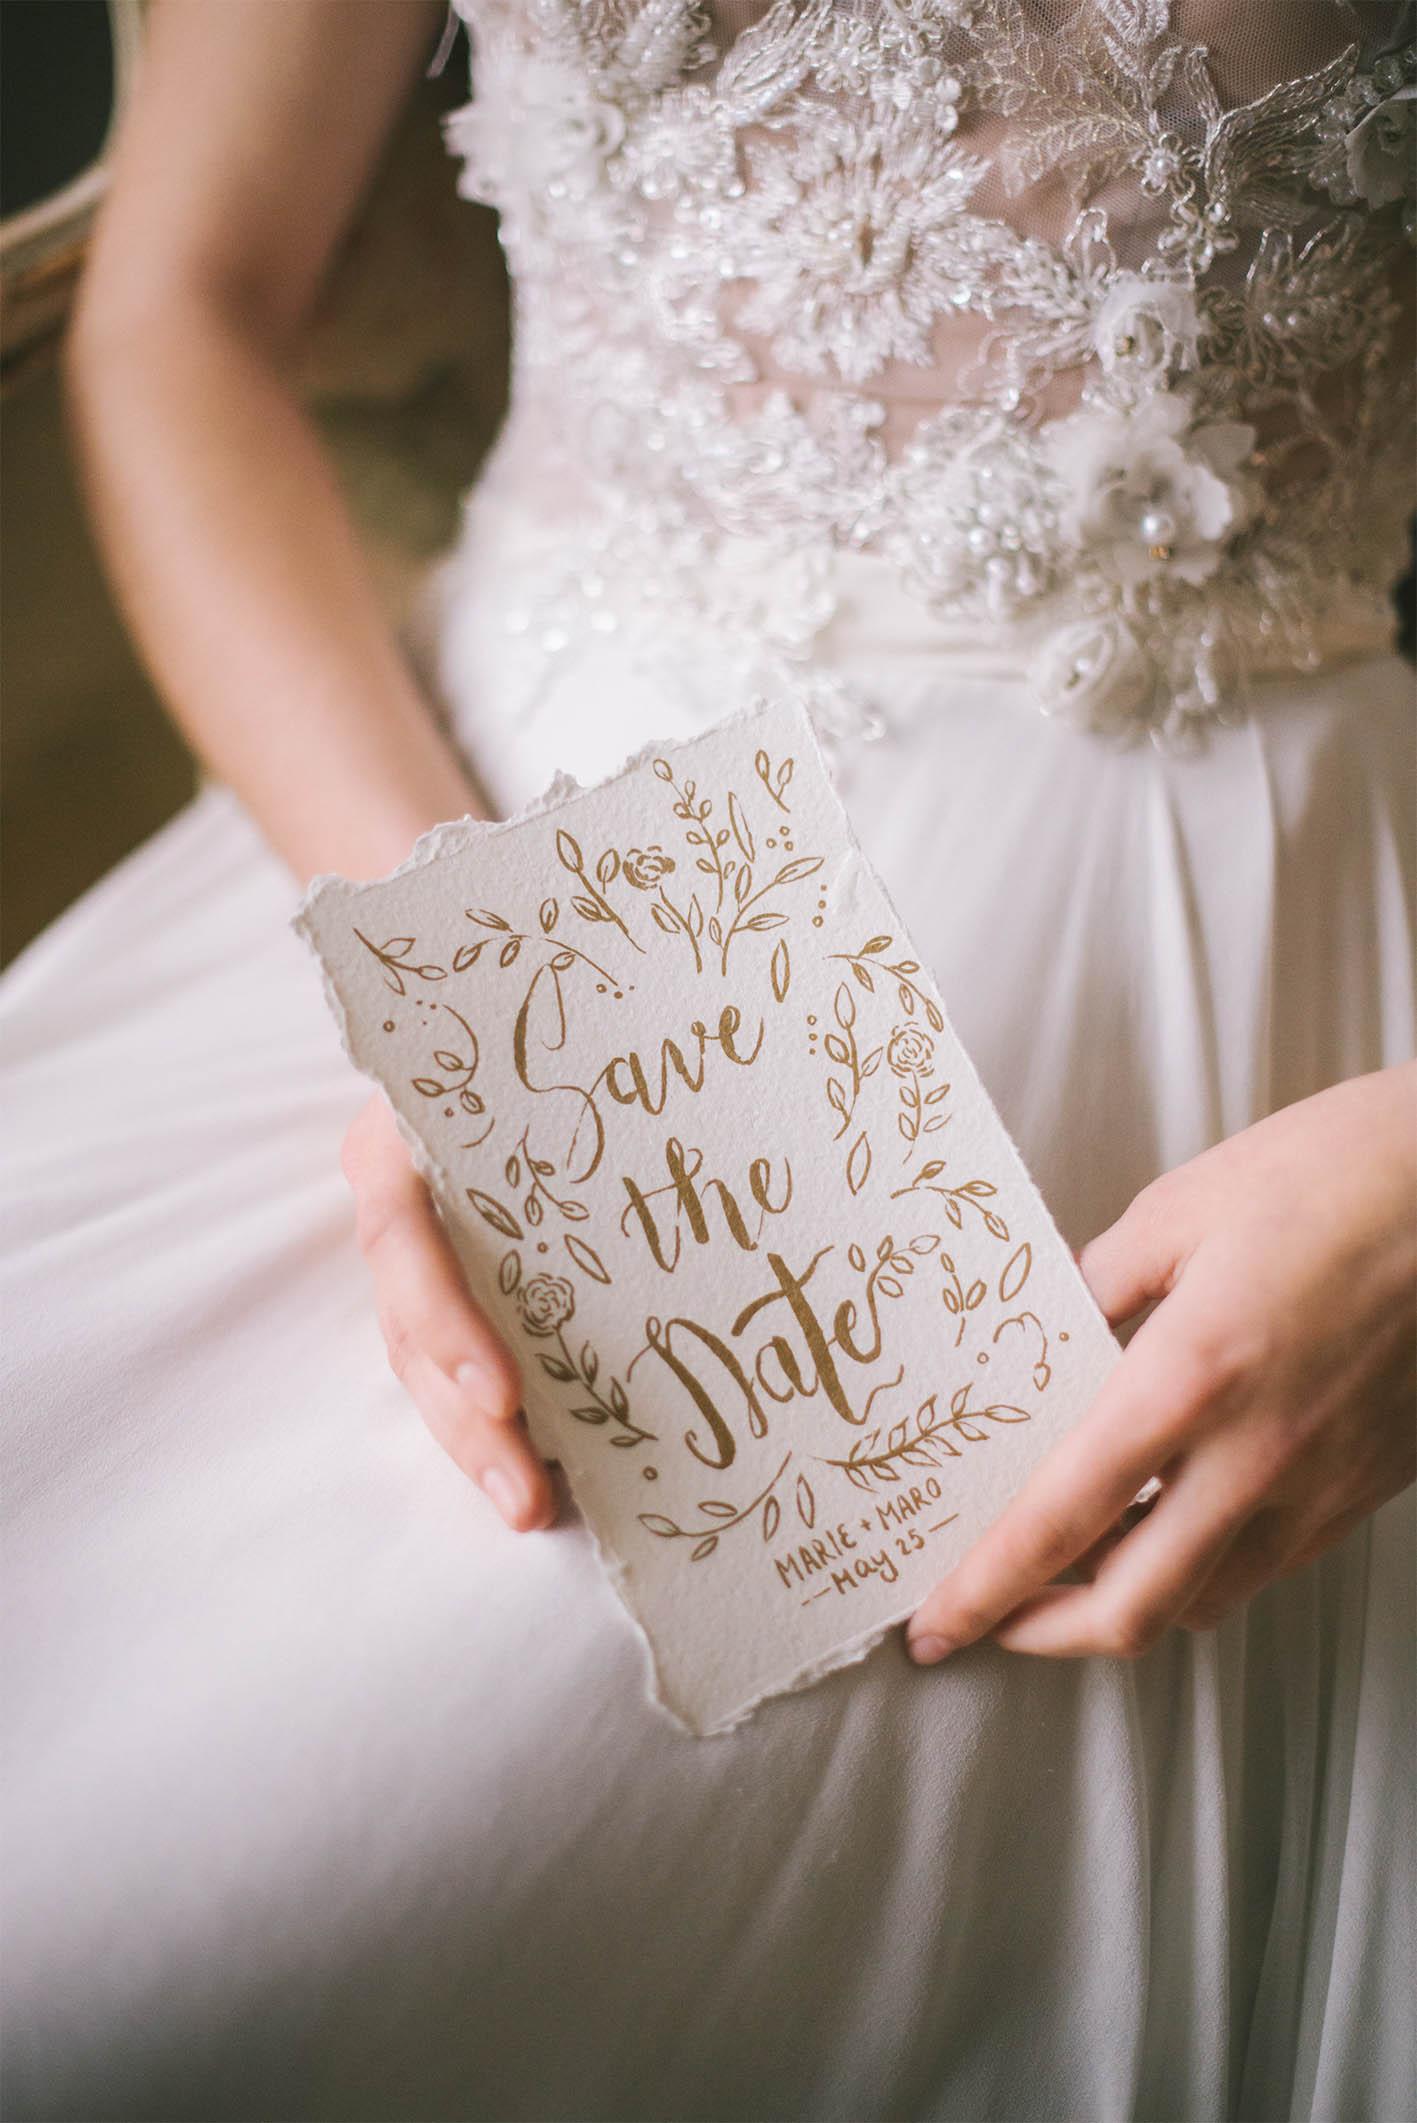 la partecipazione di nozze copia